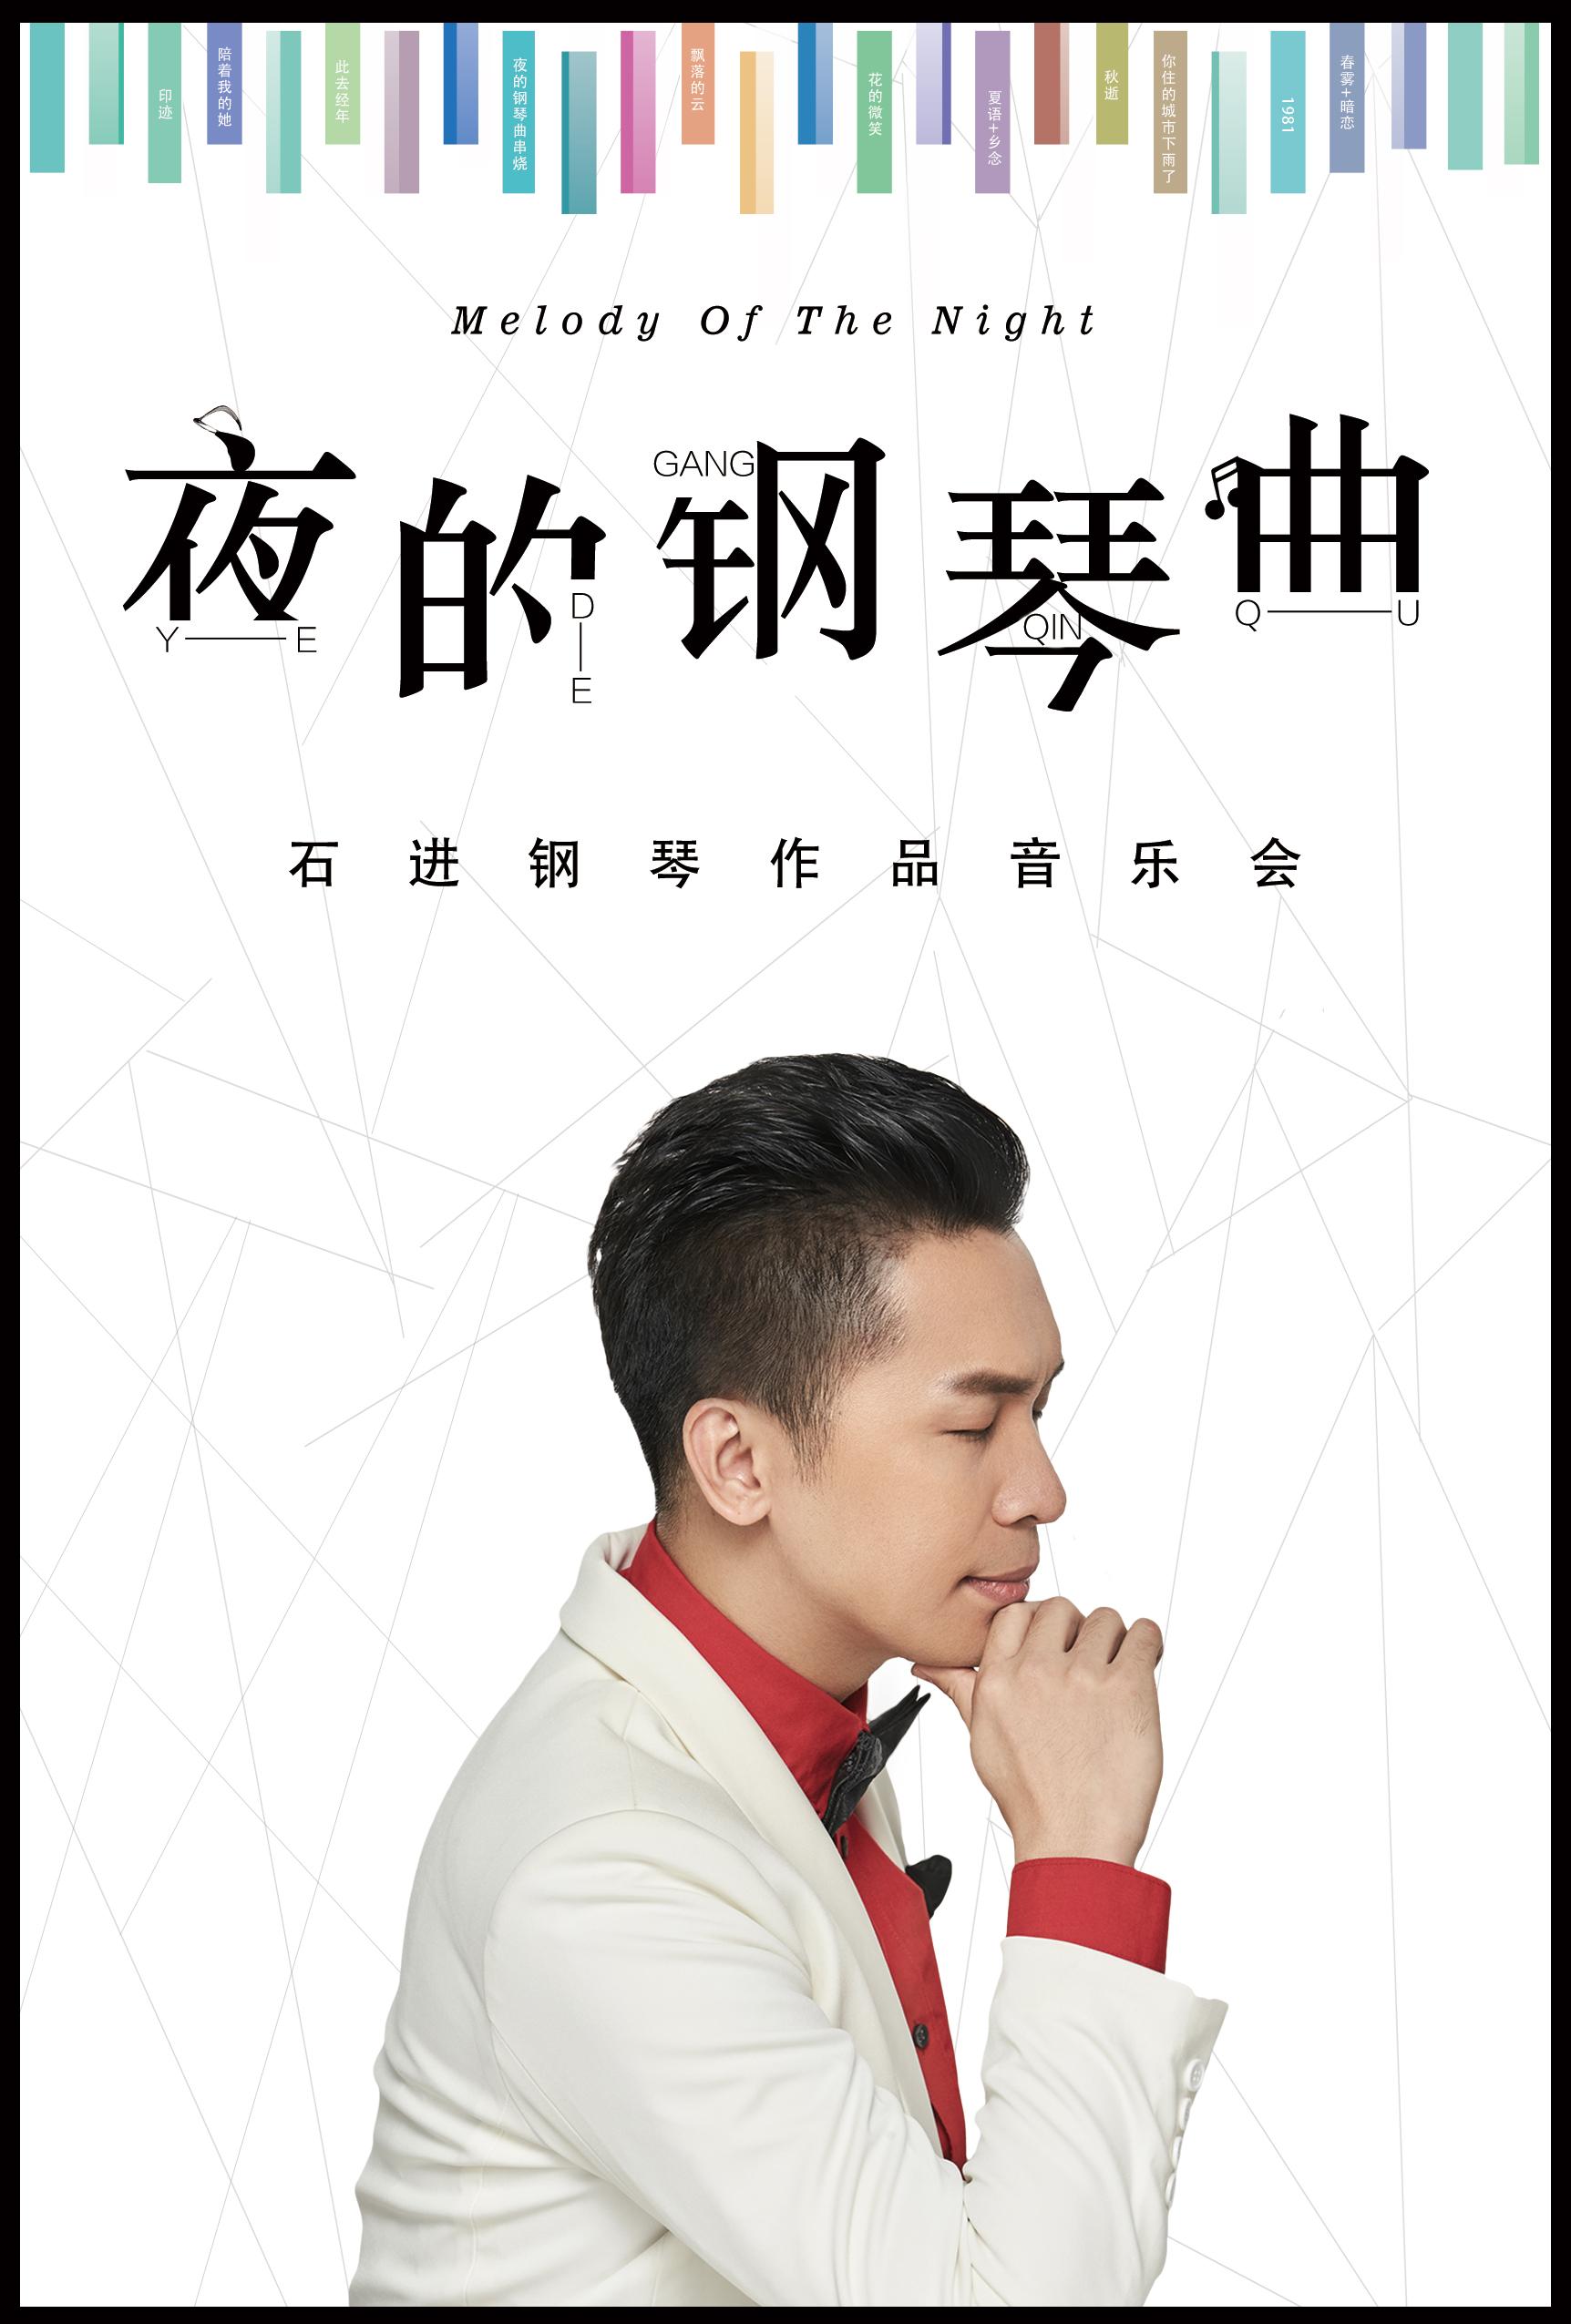 《夜的钢琴曲》―石进钢琴音乐会武汉站